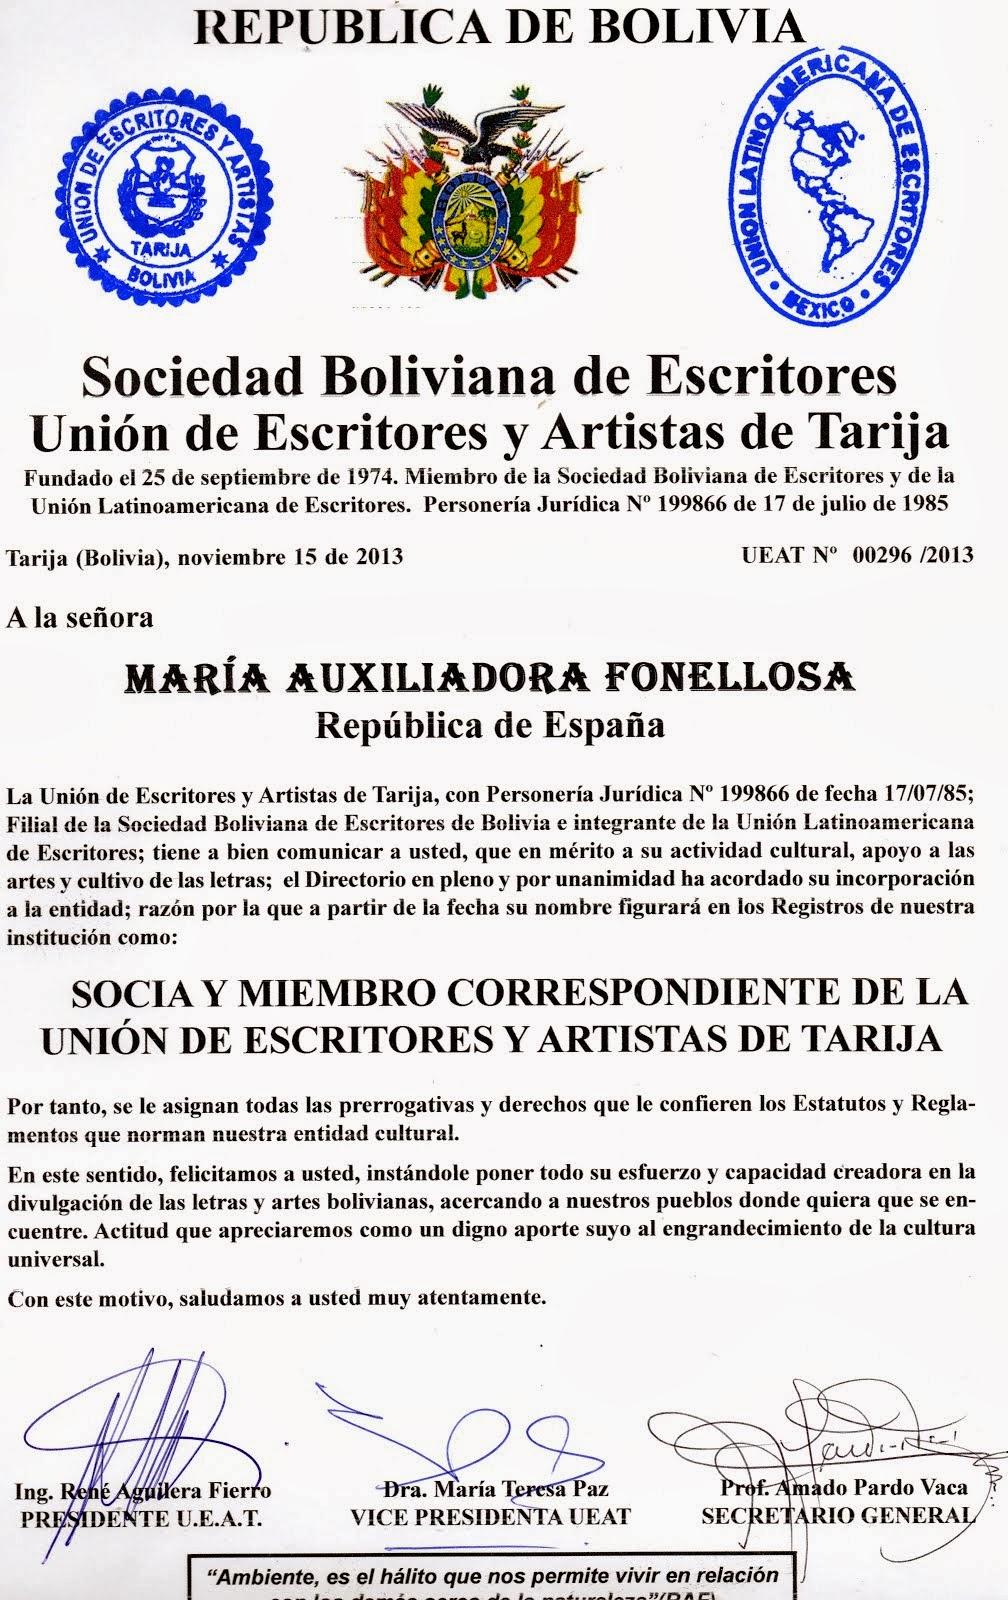 SOCIA DE LA UNIÓN DE ESCRITORES DE TARIJA (BOLIVIA)